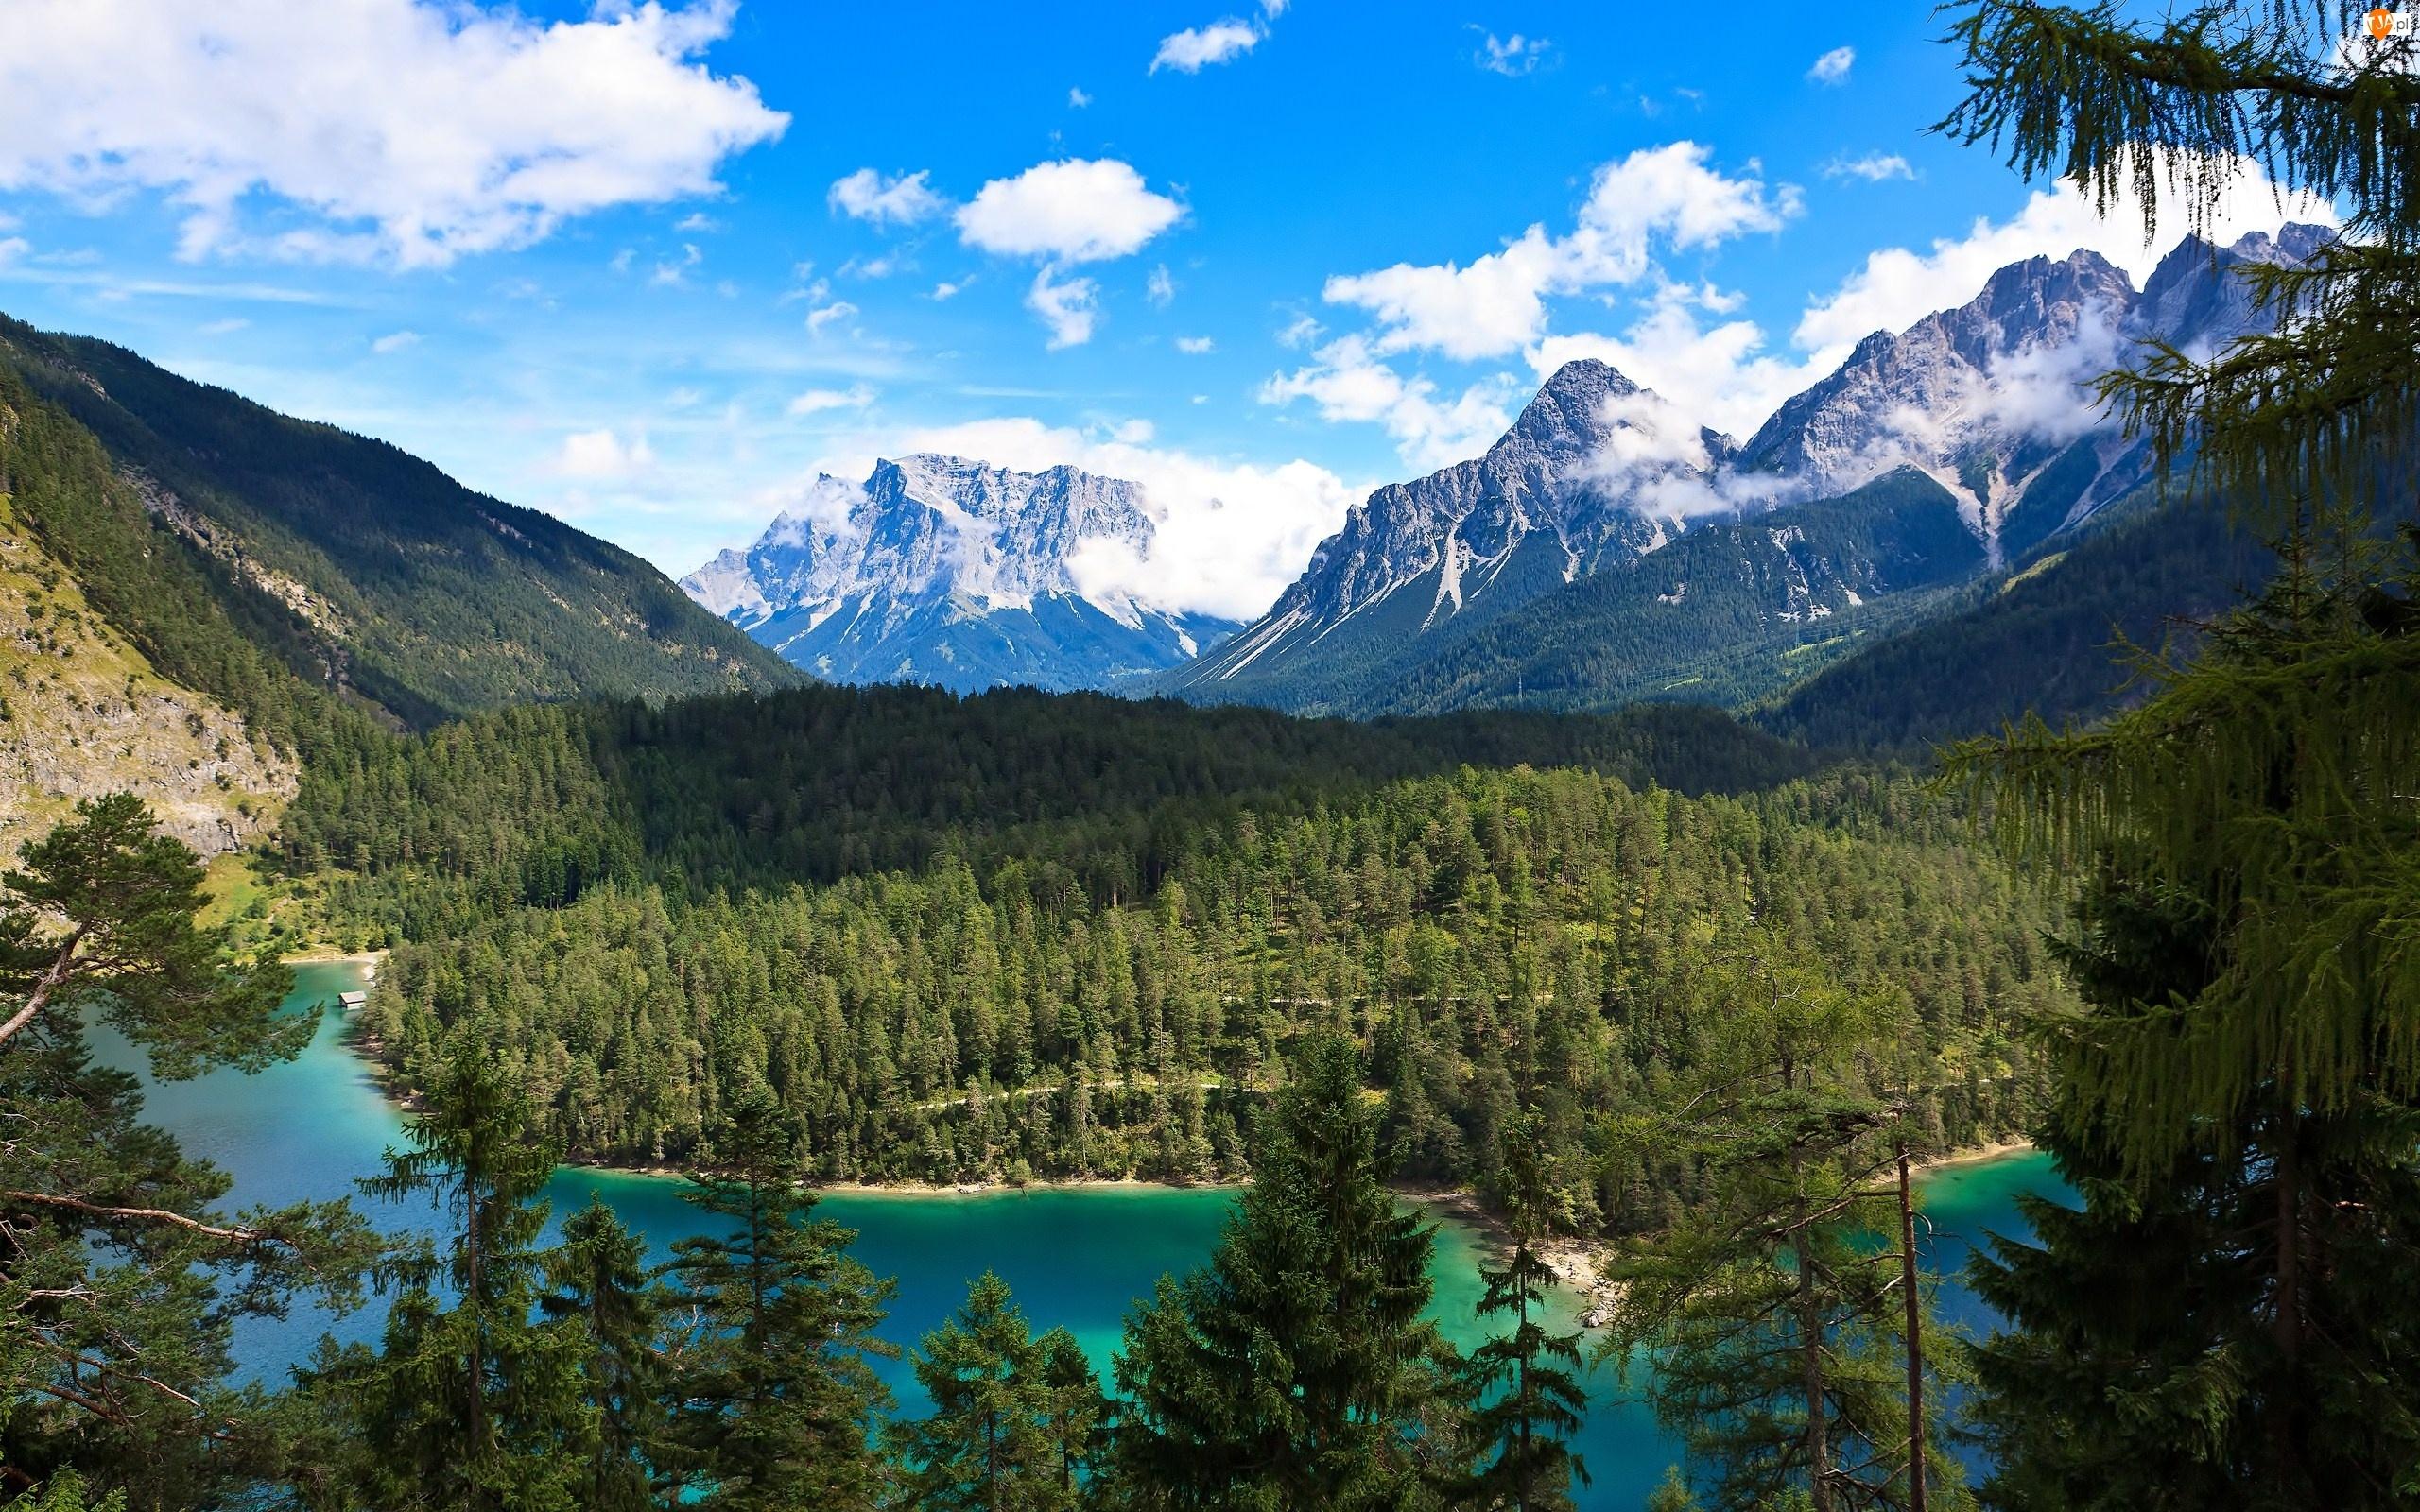 Lasy, Góry, Jezioro